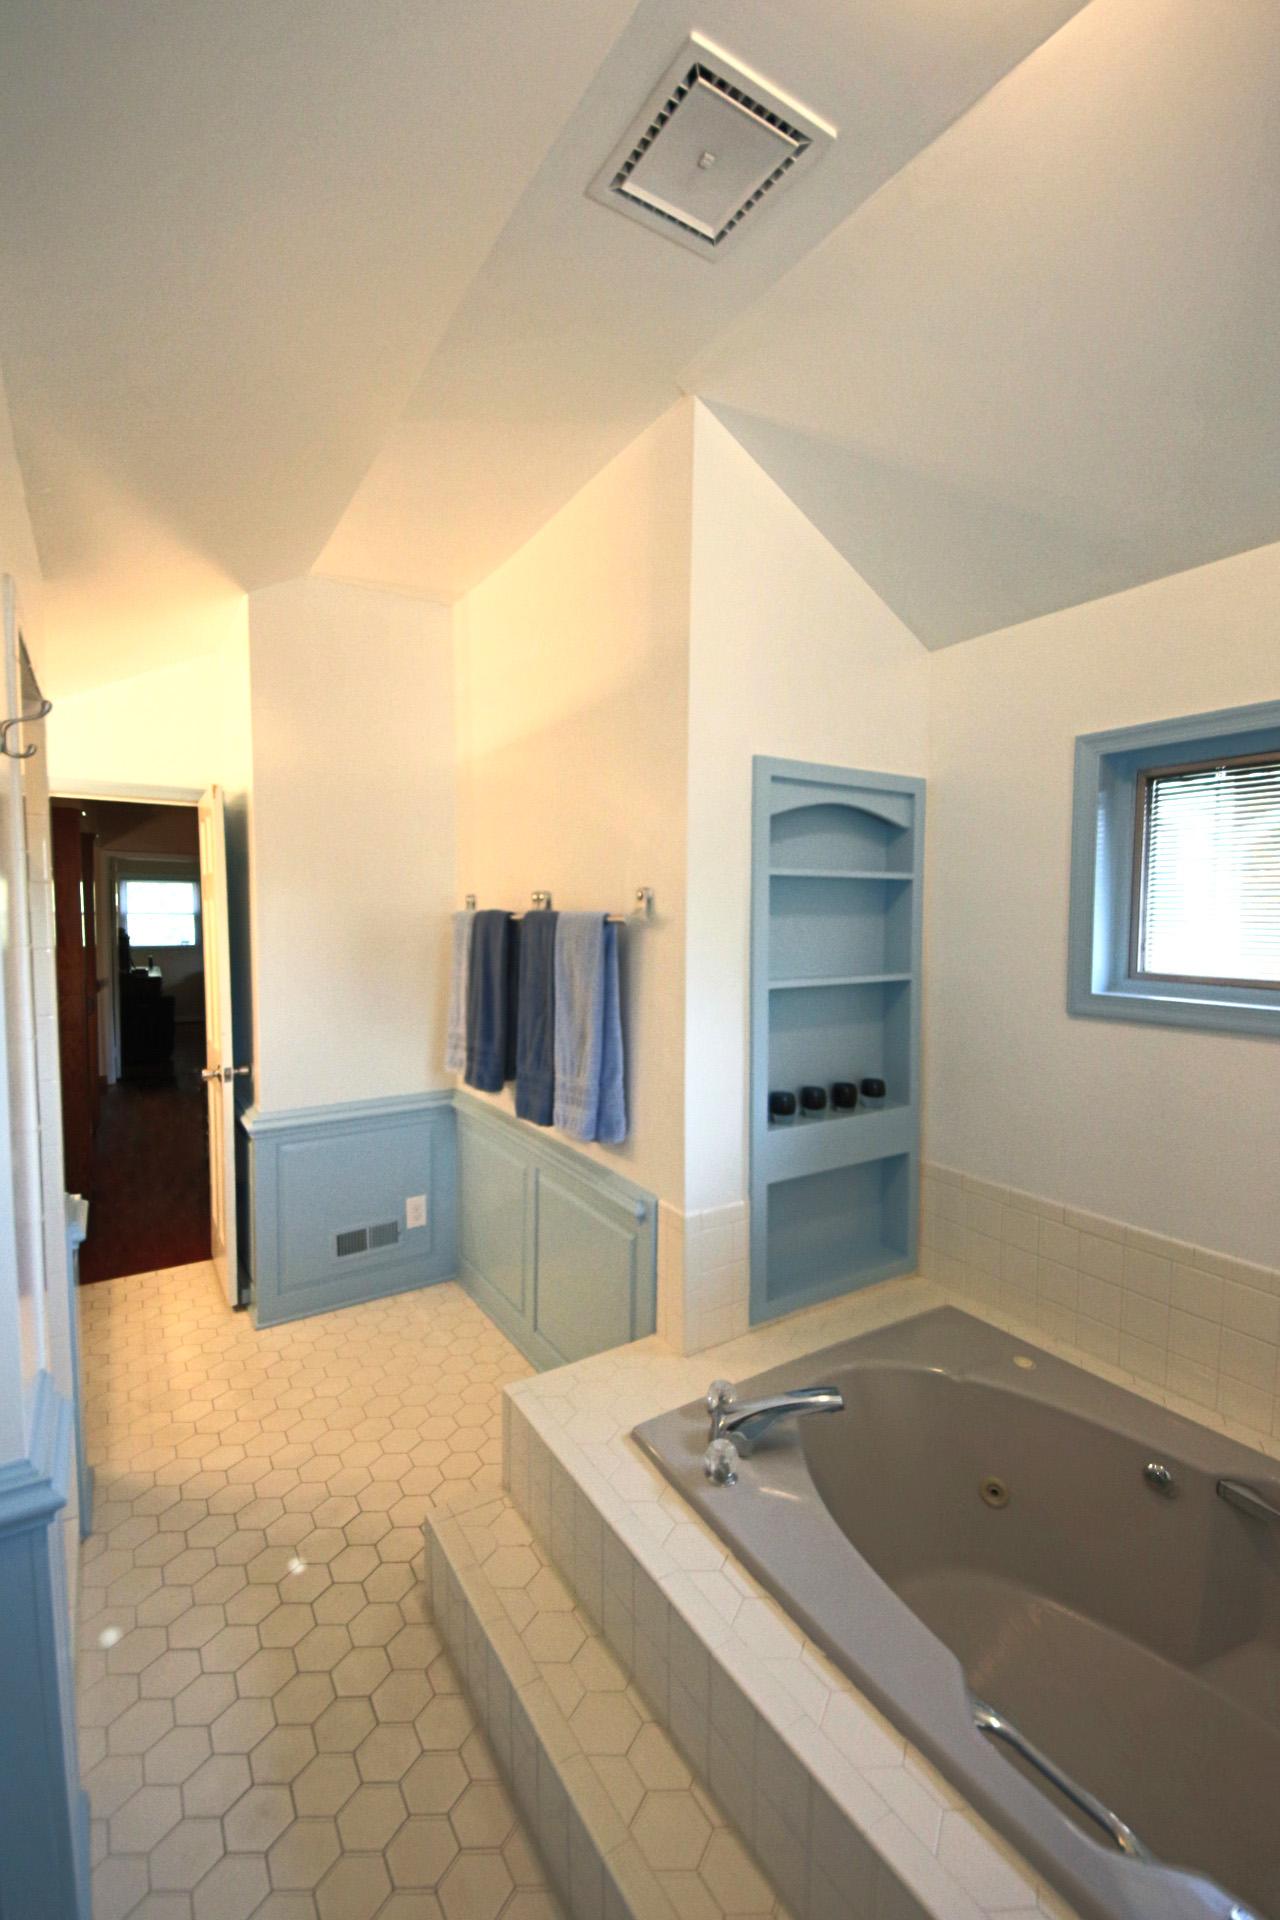 26. Upstairs Bathroom